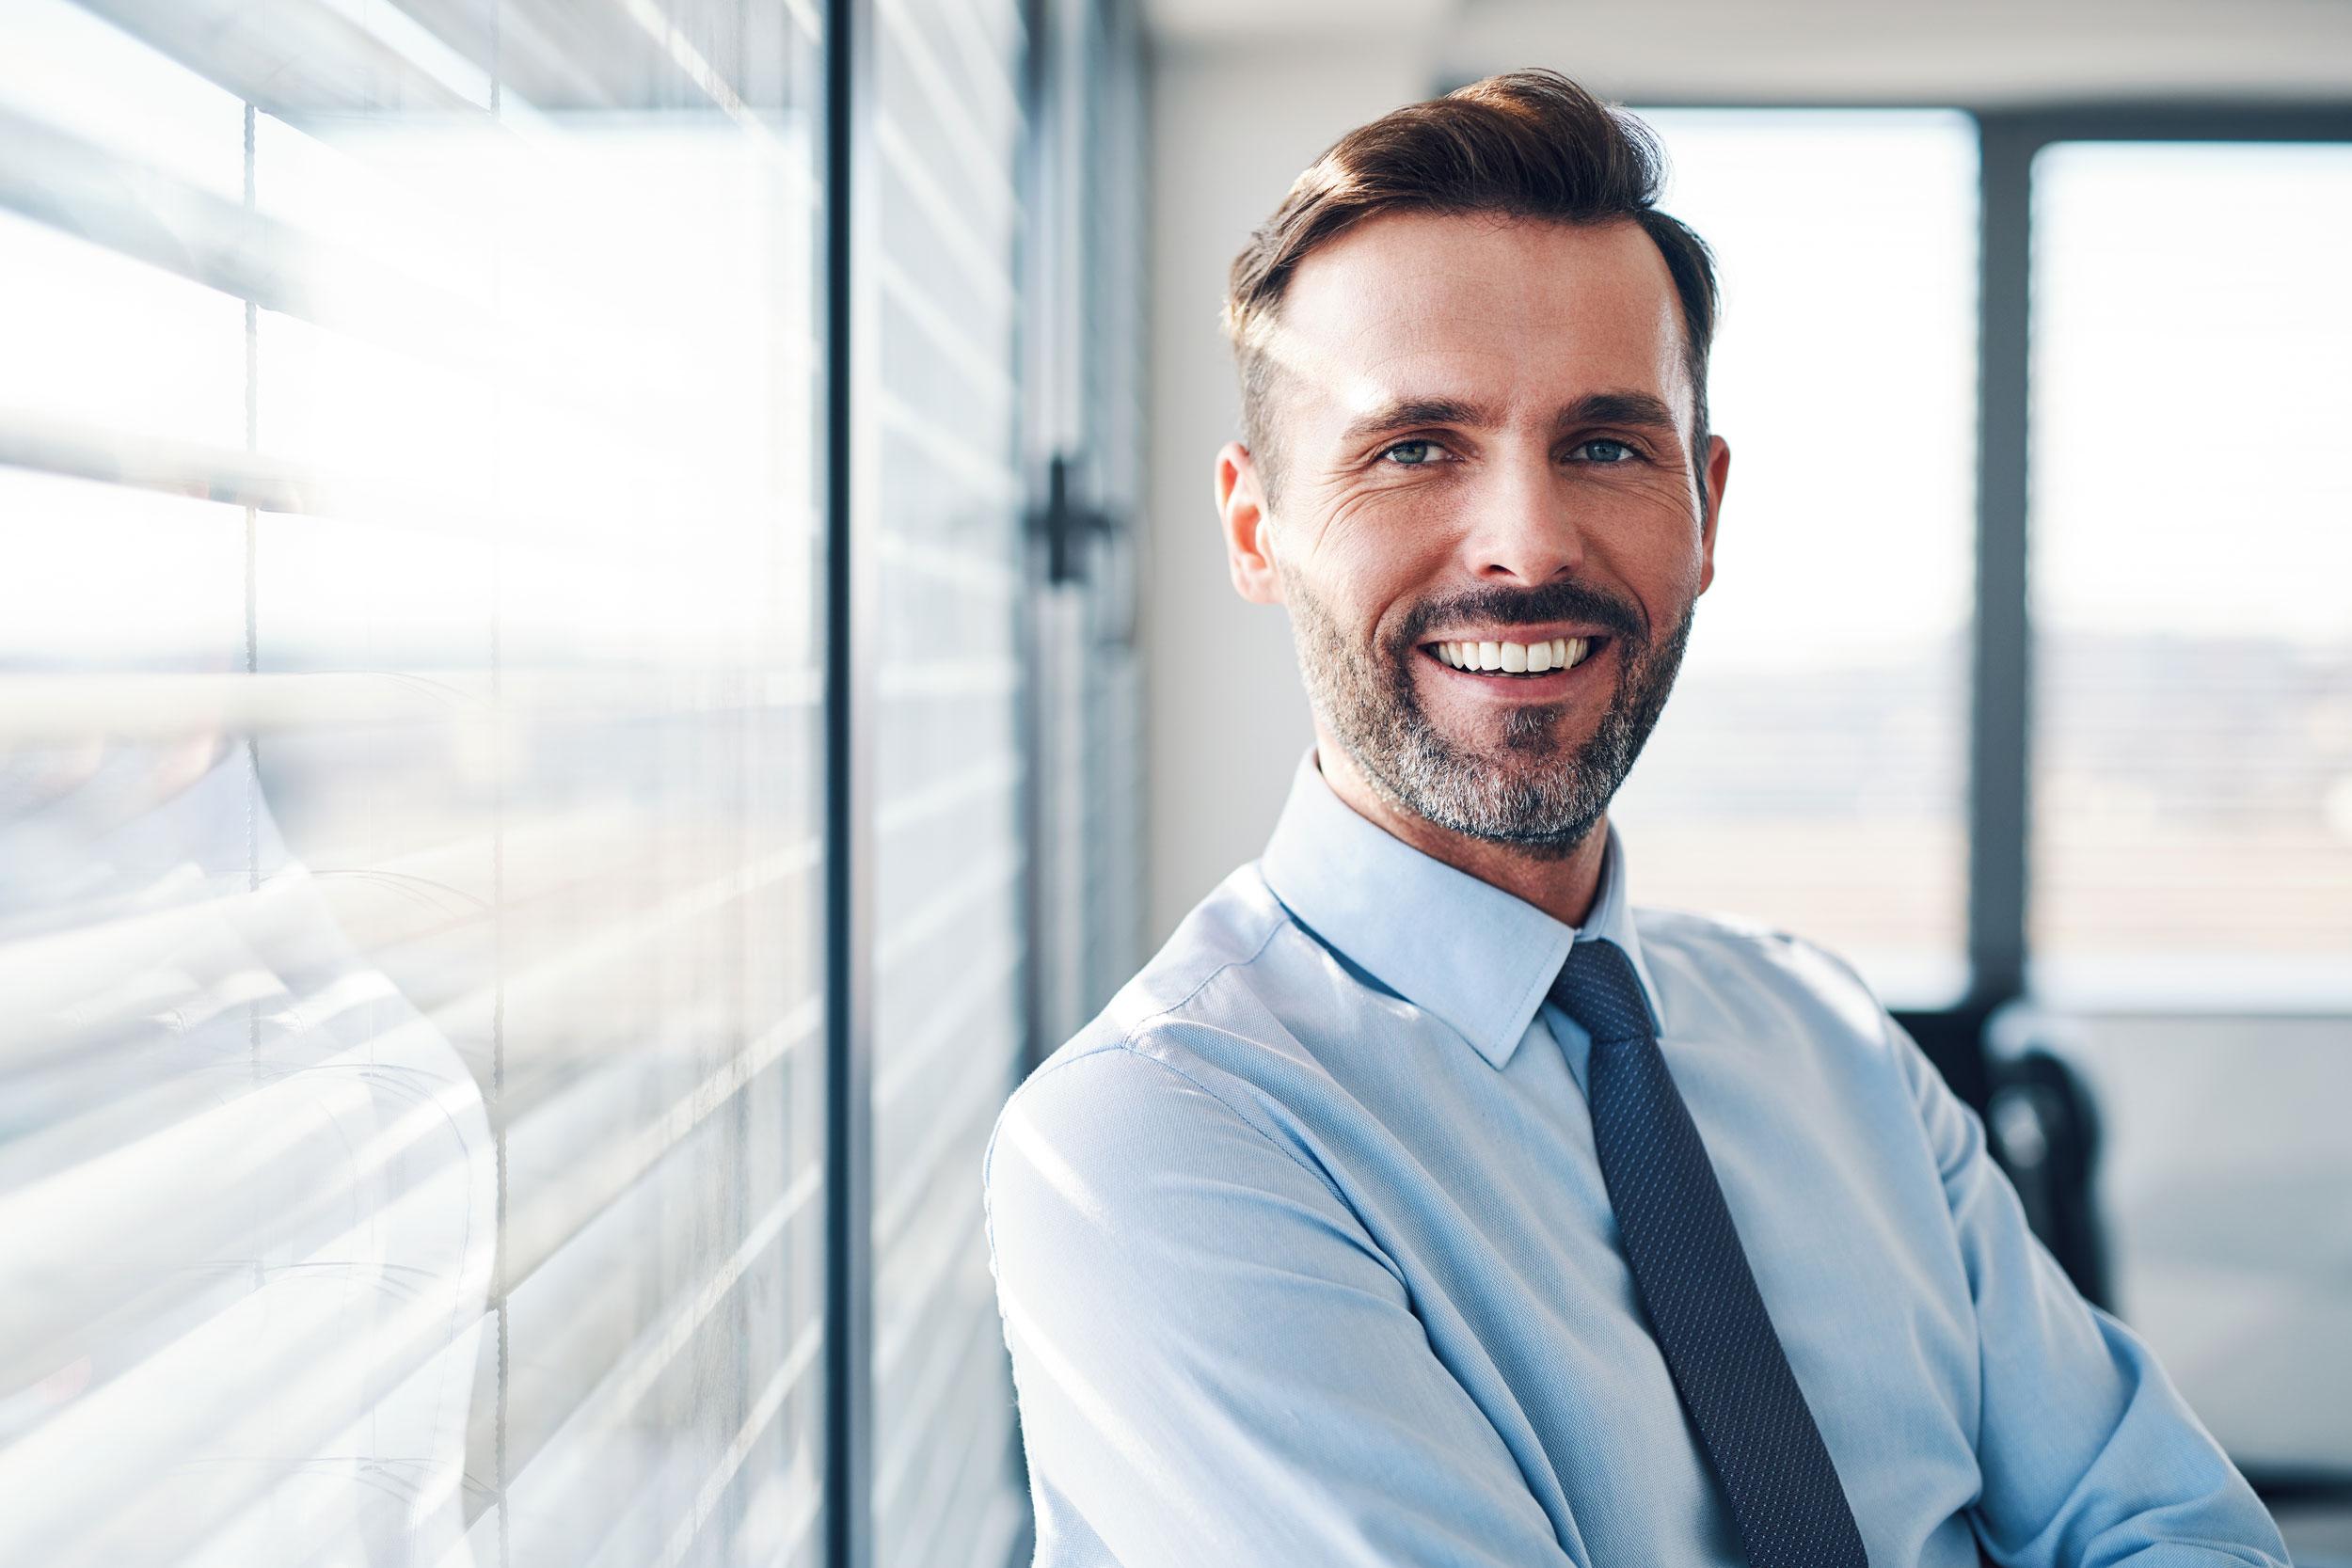 Betriebliche Krankenversicherung - Vorteile für Arbeitgeber